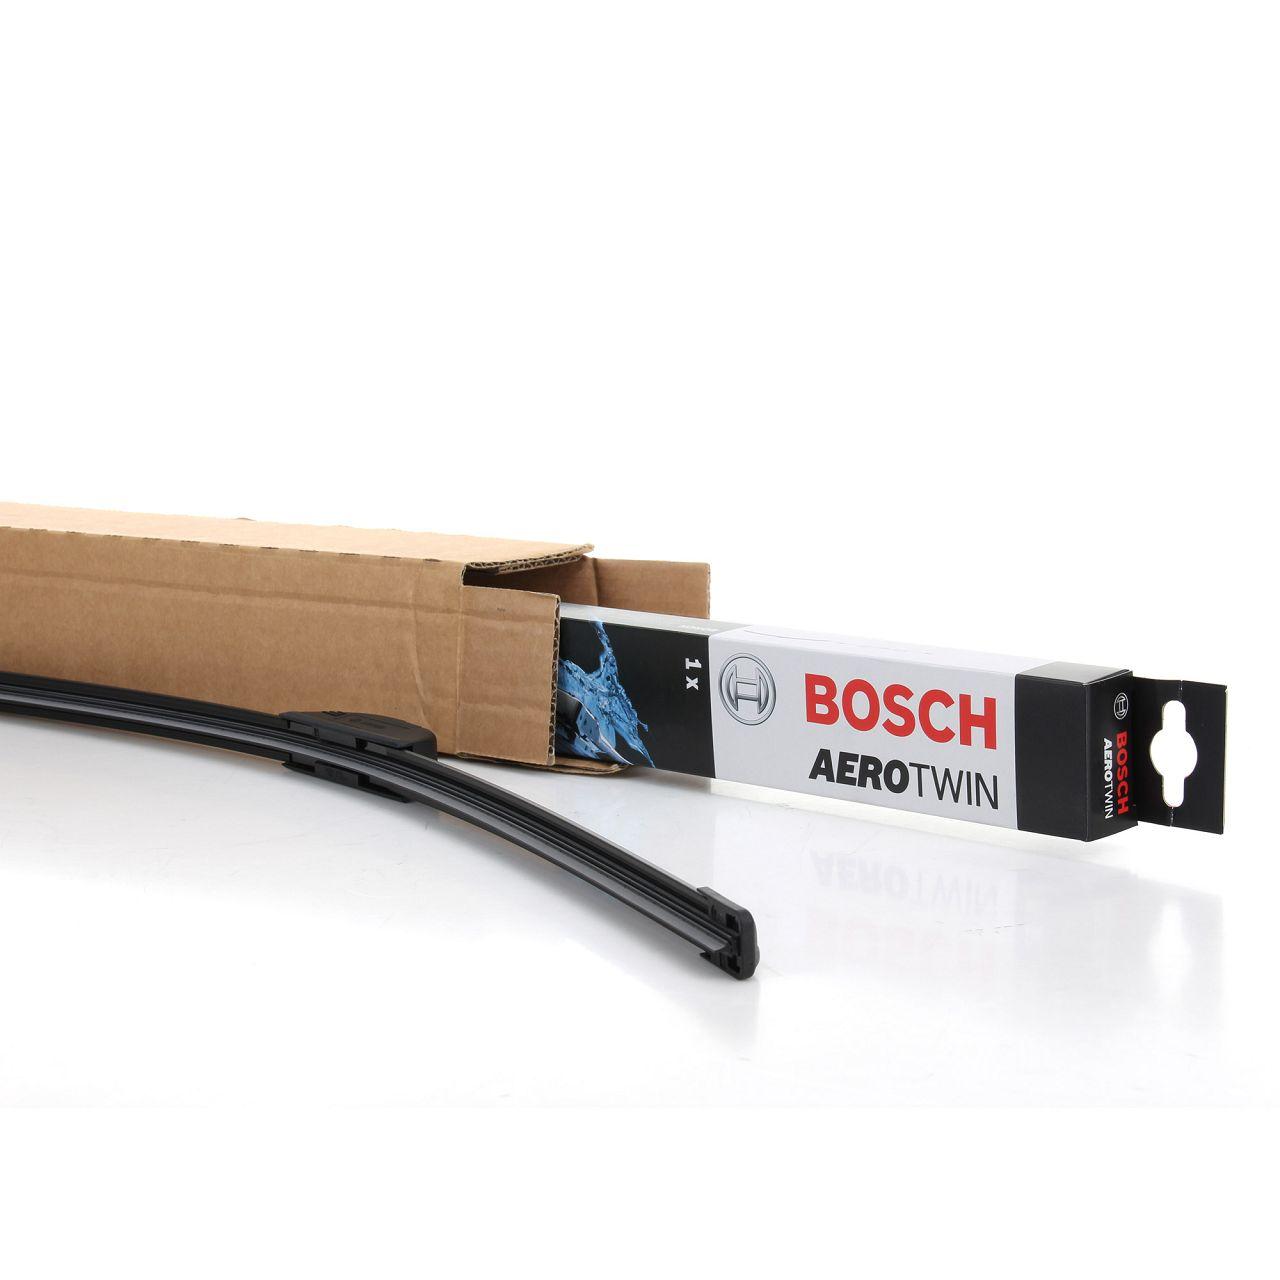 BOSCH Heckscheibenwischer Wischerblatt Wischer AEROTWIN A332H 330mm